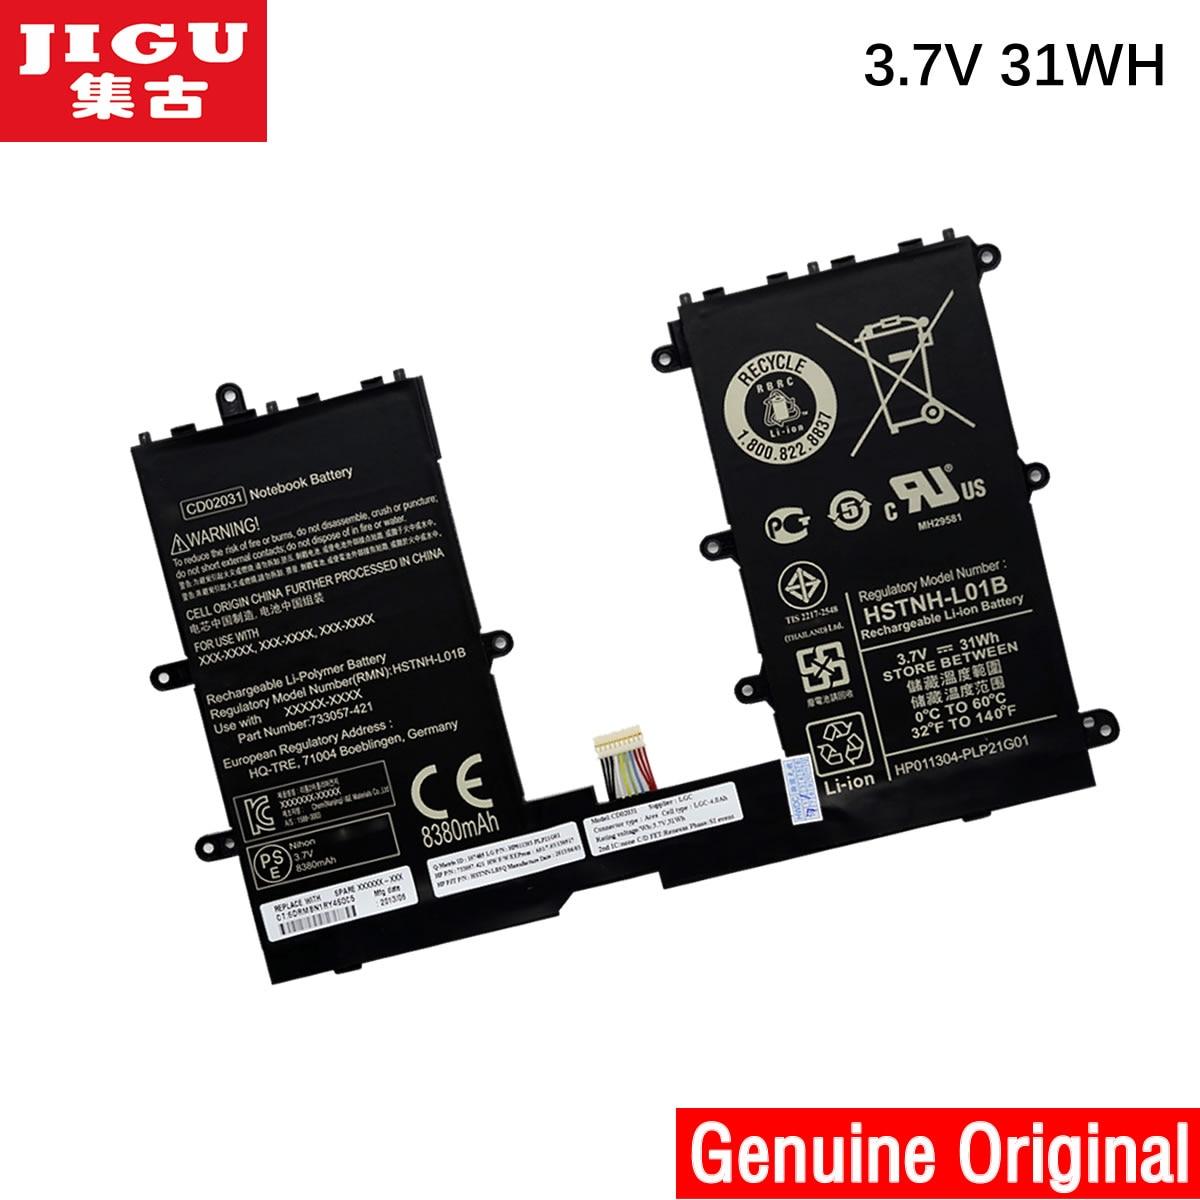 JIGU 740479-001 CD02031 HSTNH-L01B D'origine batterie d'ordinateur portable Pour HP Pro Tablette 610 G1